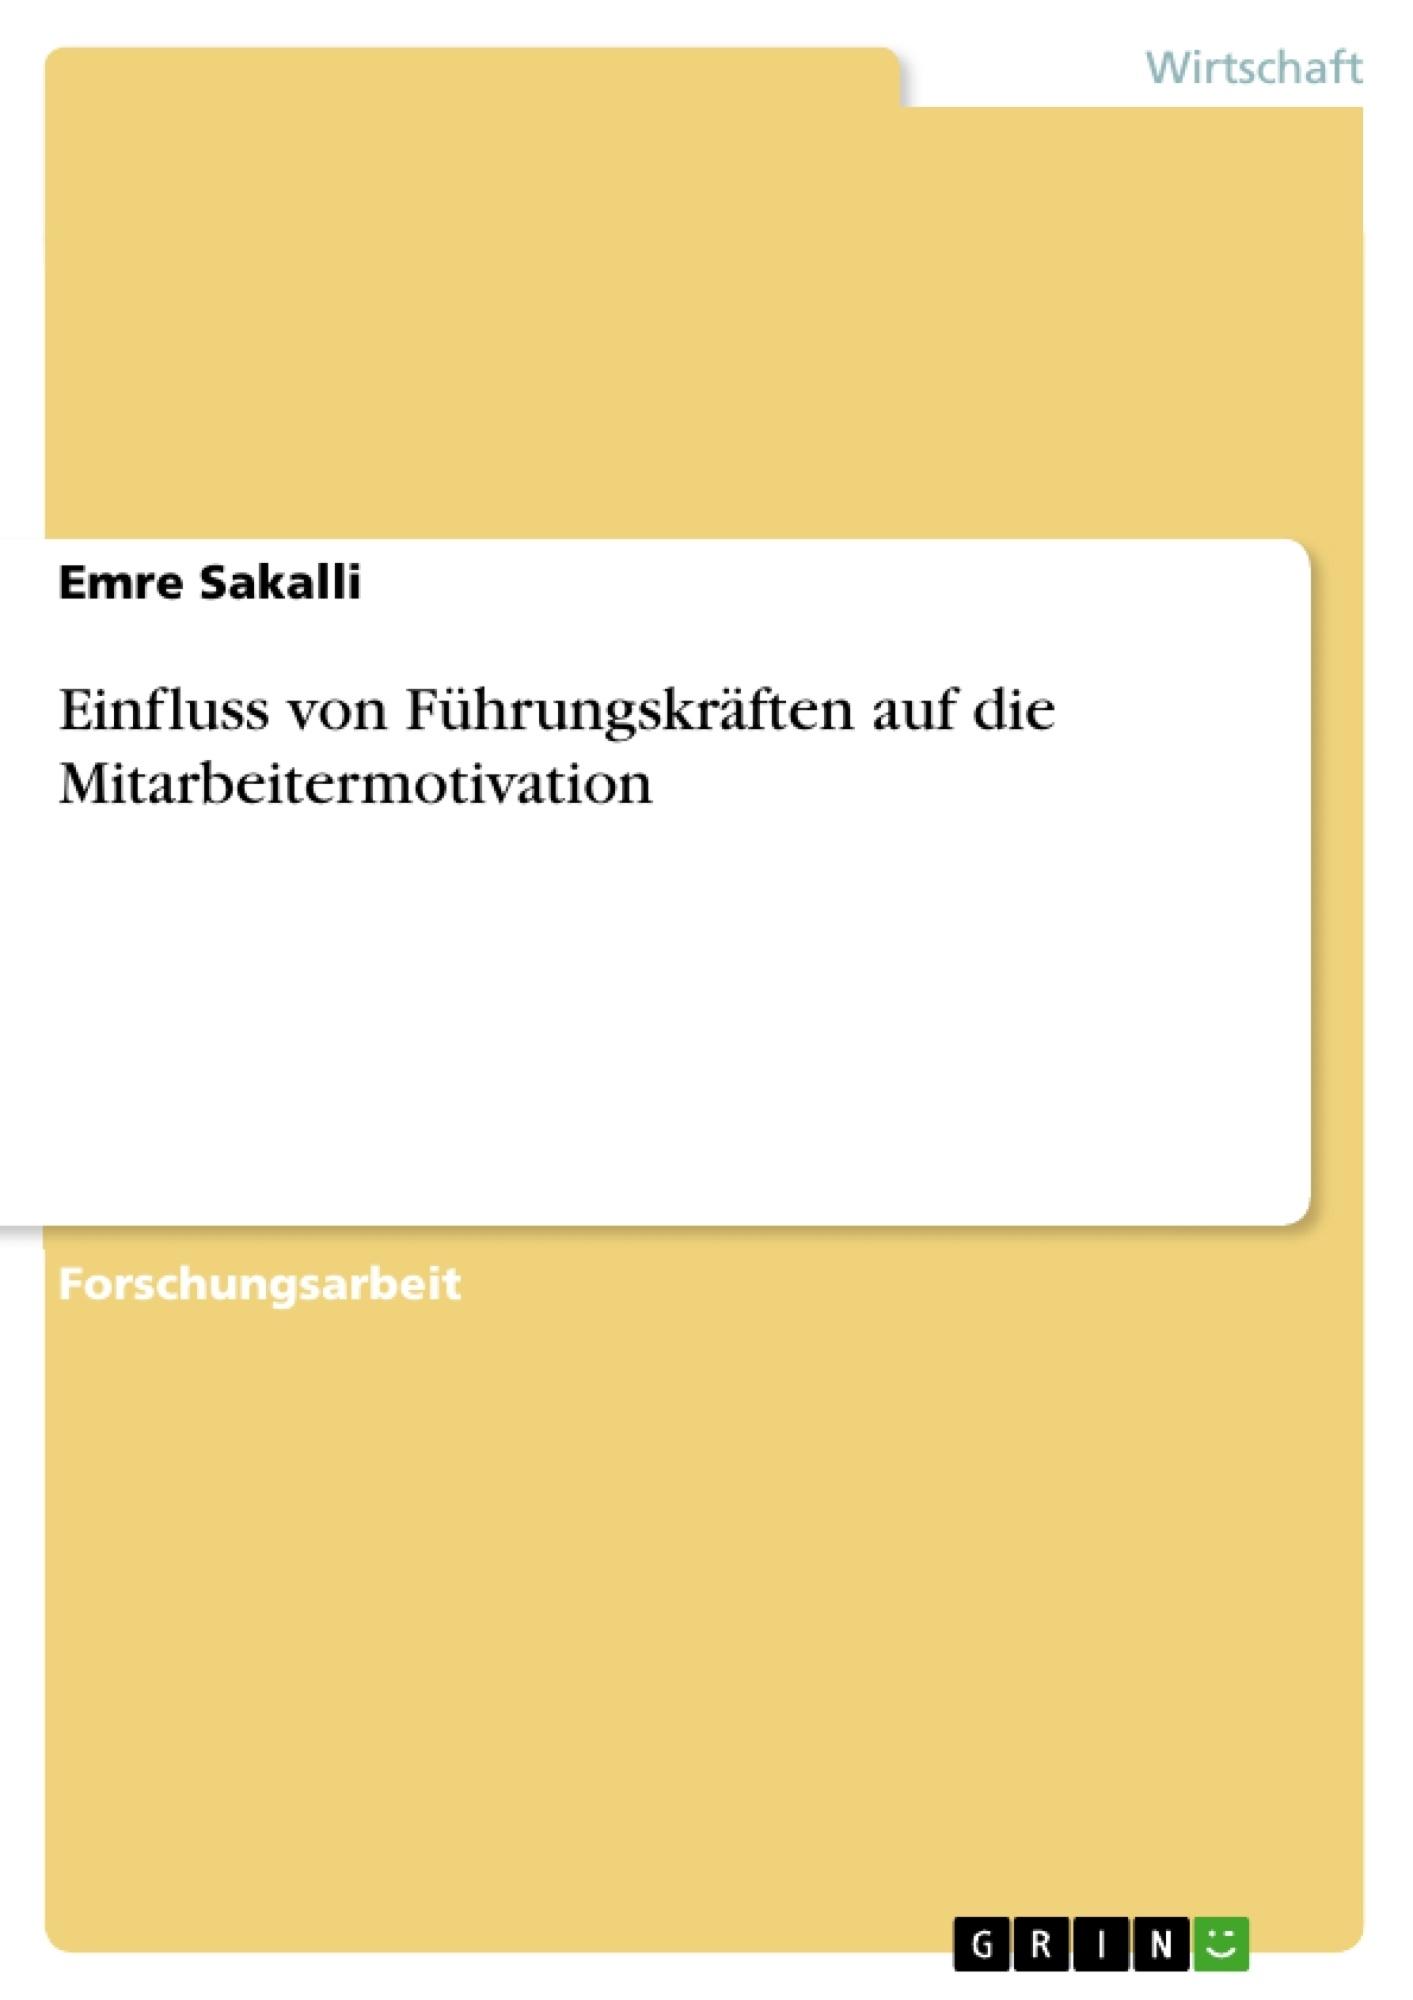 Titel: Einfluss von Führungskräften auf die Mitarbeitermotivation